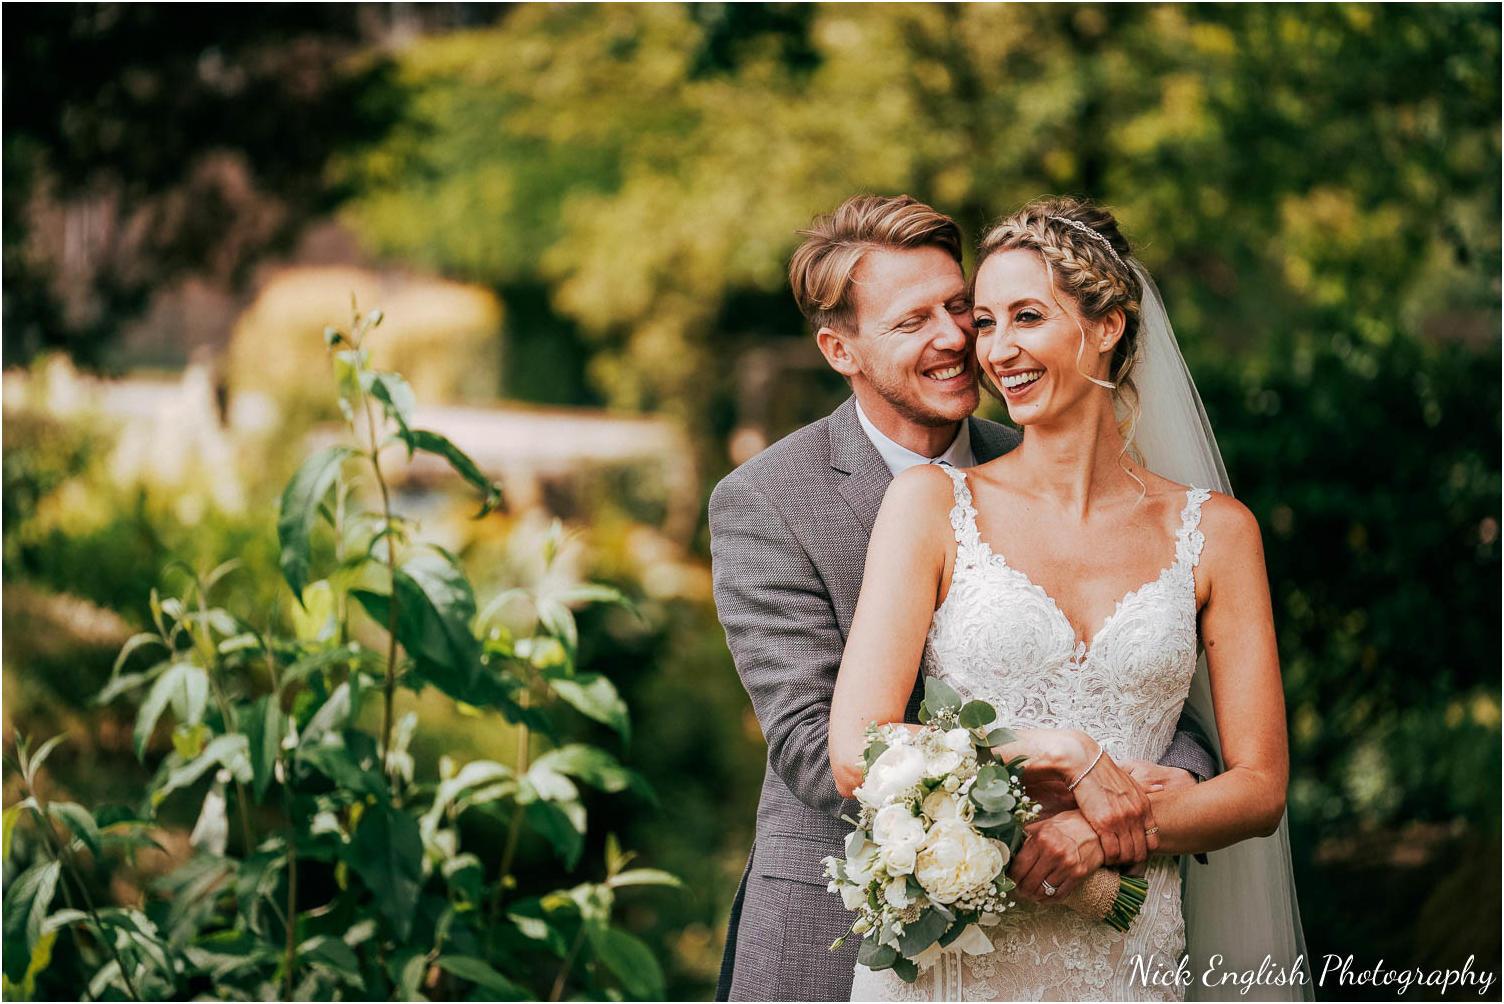 Browsholme_Hall_Tithe_Barn_Wedding_Photographer_Lancashire-74.jpg